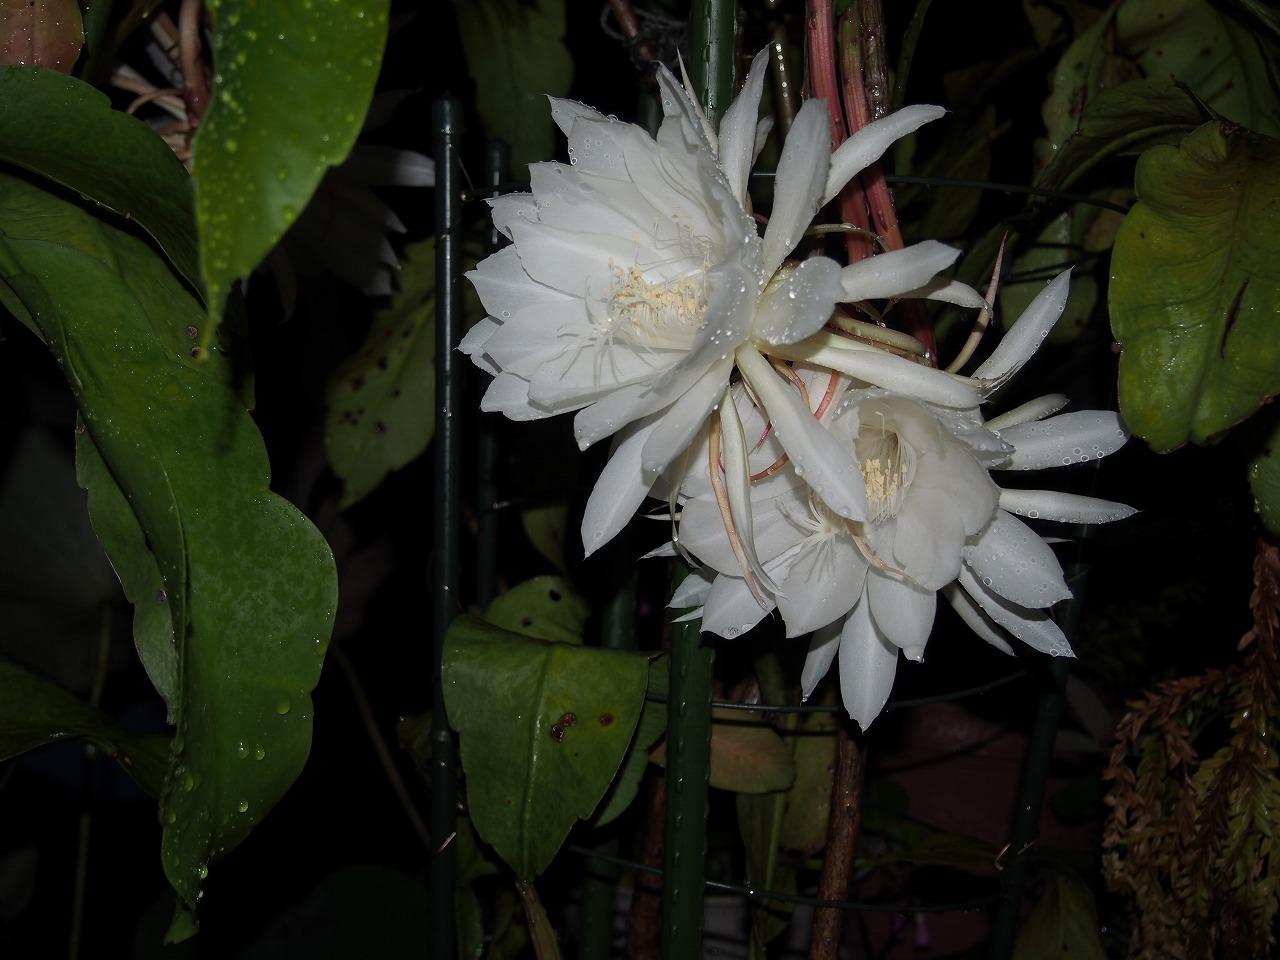 20160925-EpiphyllumOxypetalum-O04.jpg